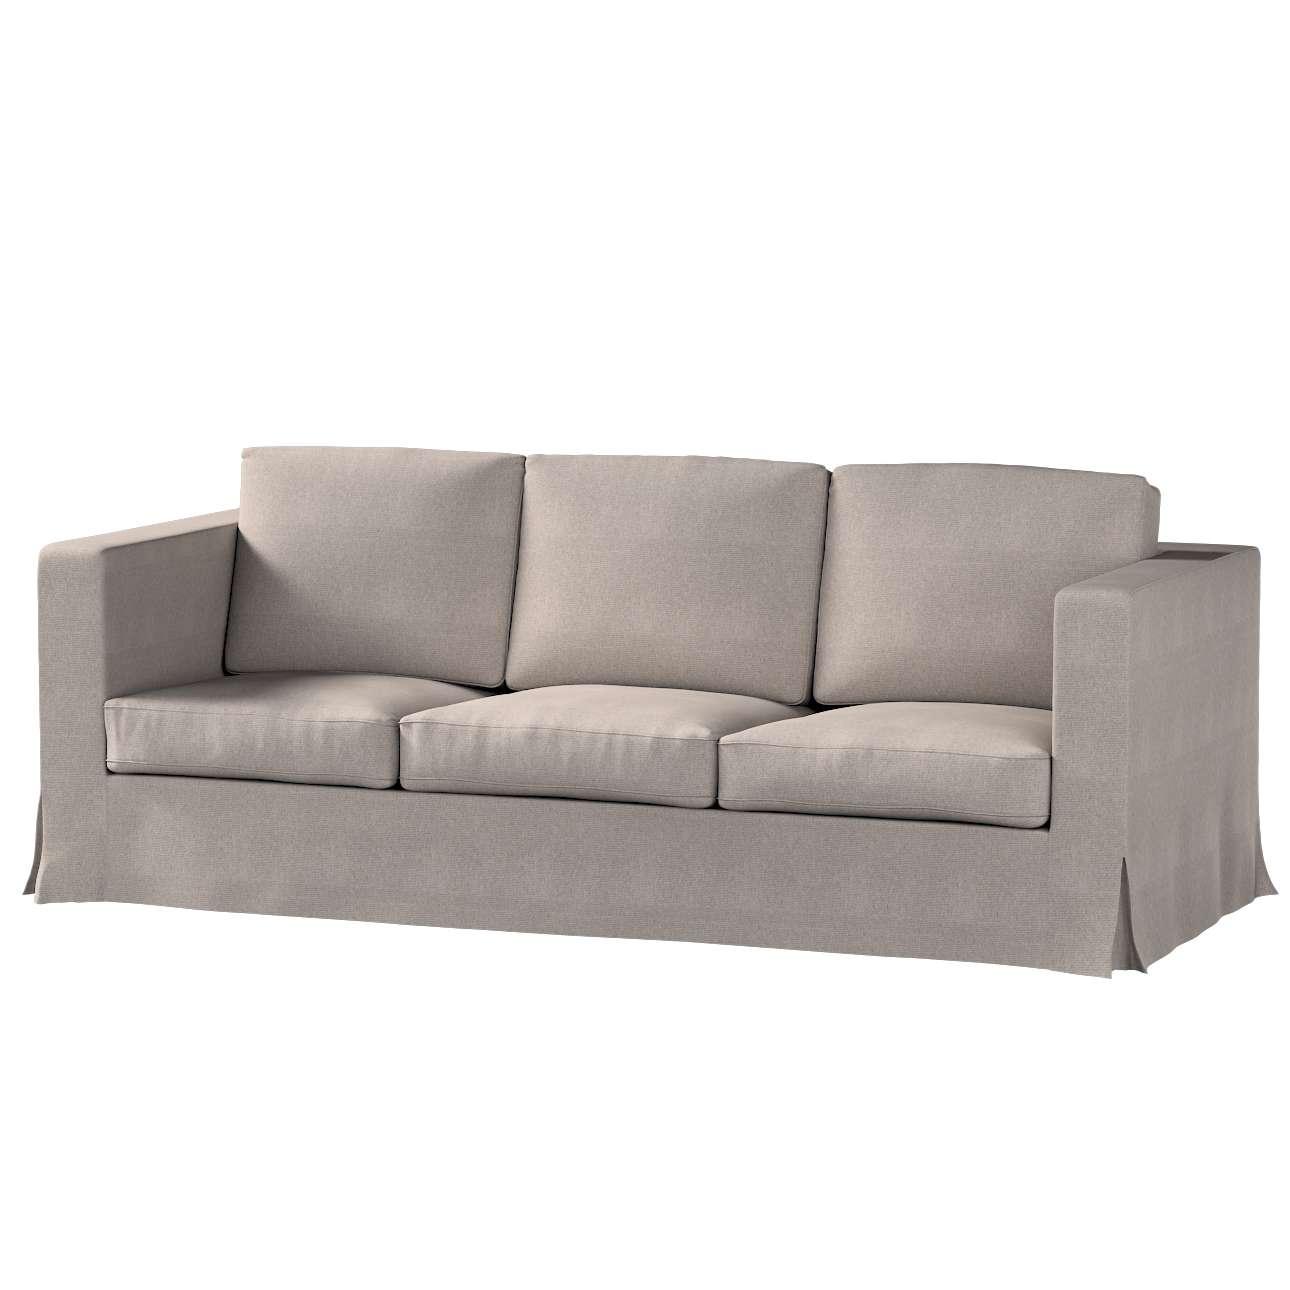 Bezug für Karlanda 3-Sitzer Sofa nicht ausklappbar, lang von der Kollektion Etna, Stoff: 705-09